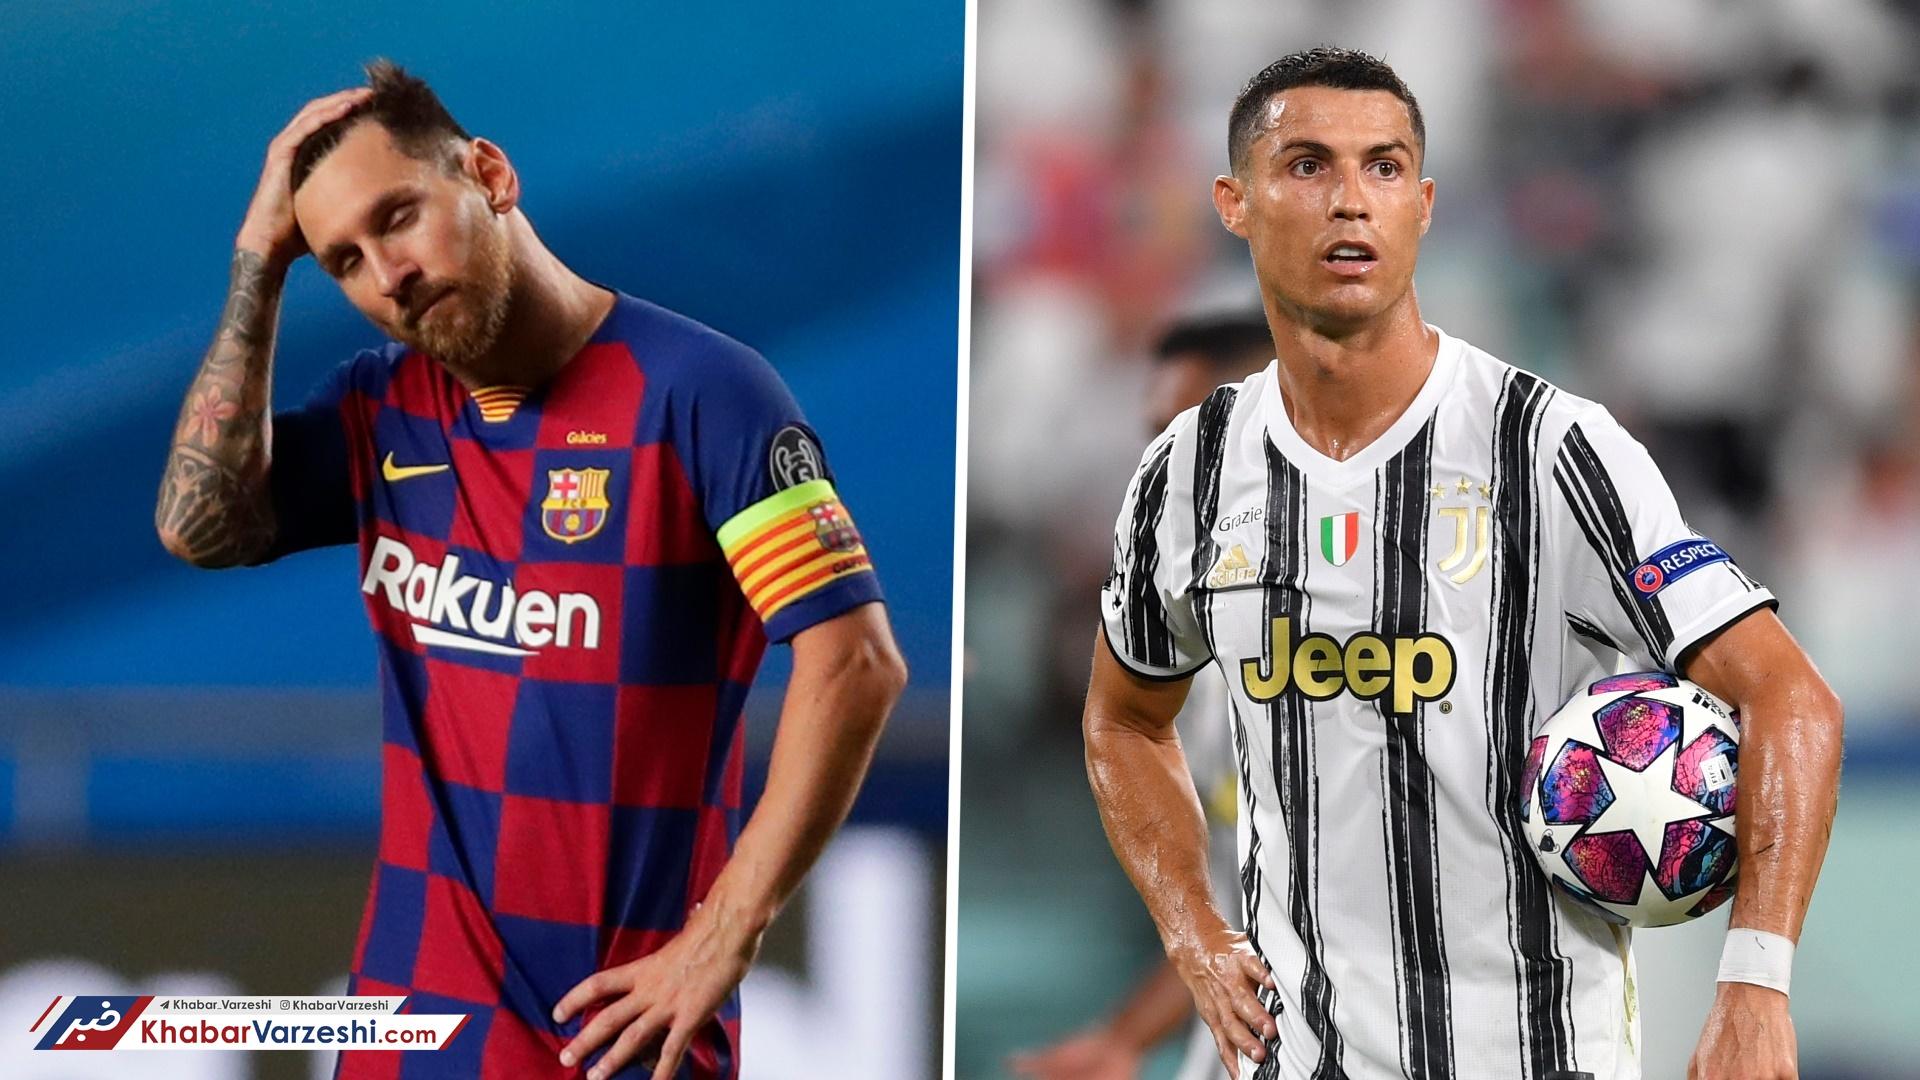 رونالدو و مسی، پردرآمدترین فوتبالیستهای دنیا